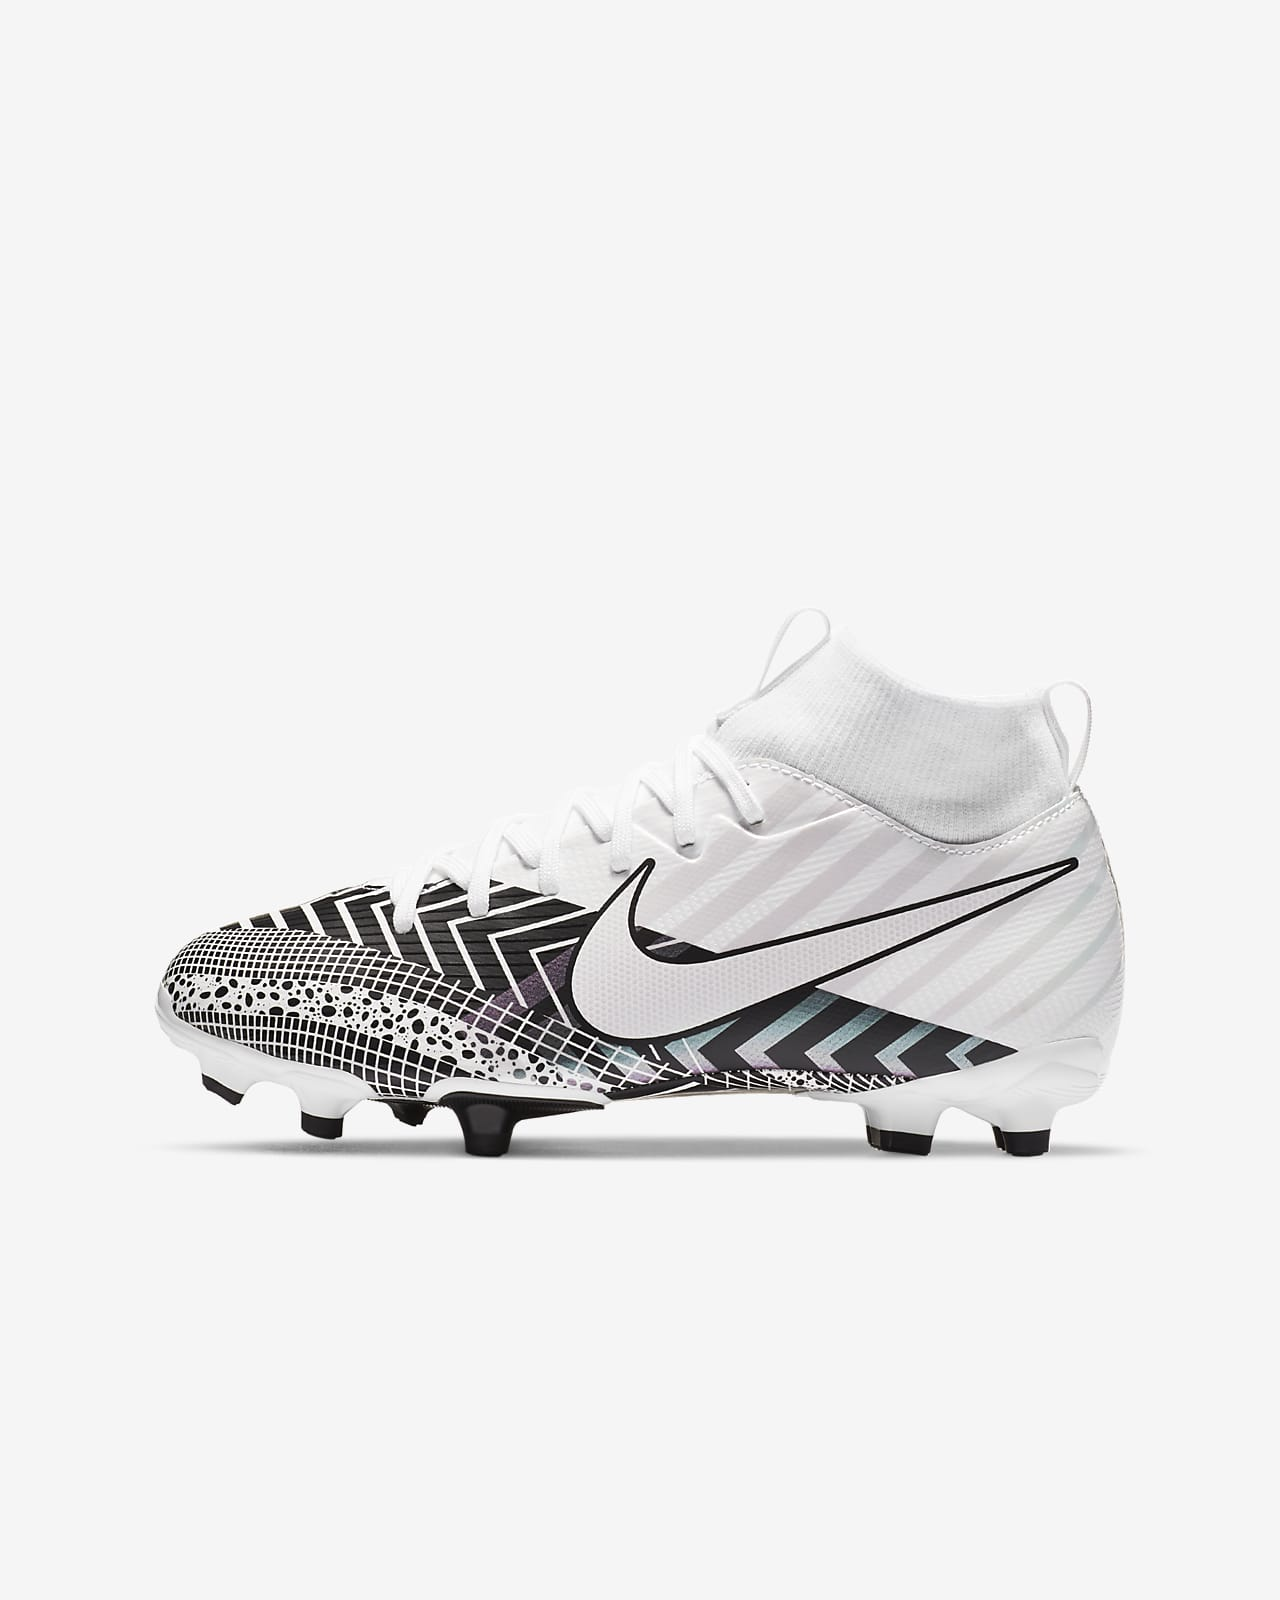 Fotbollssko för varierat underlag Nike Jr. Mercurial Superfly 7 Academy MDS MG för barn/ungdom